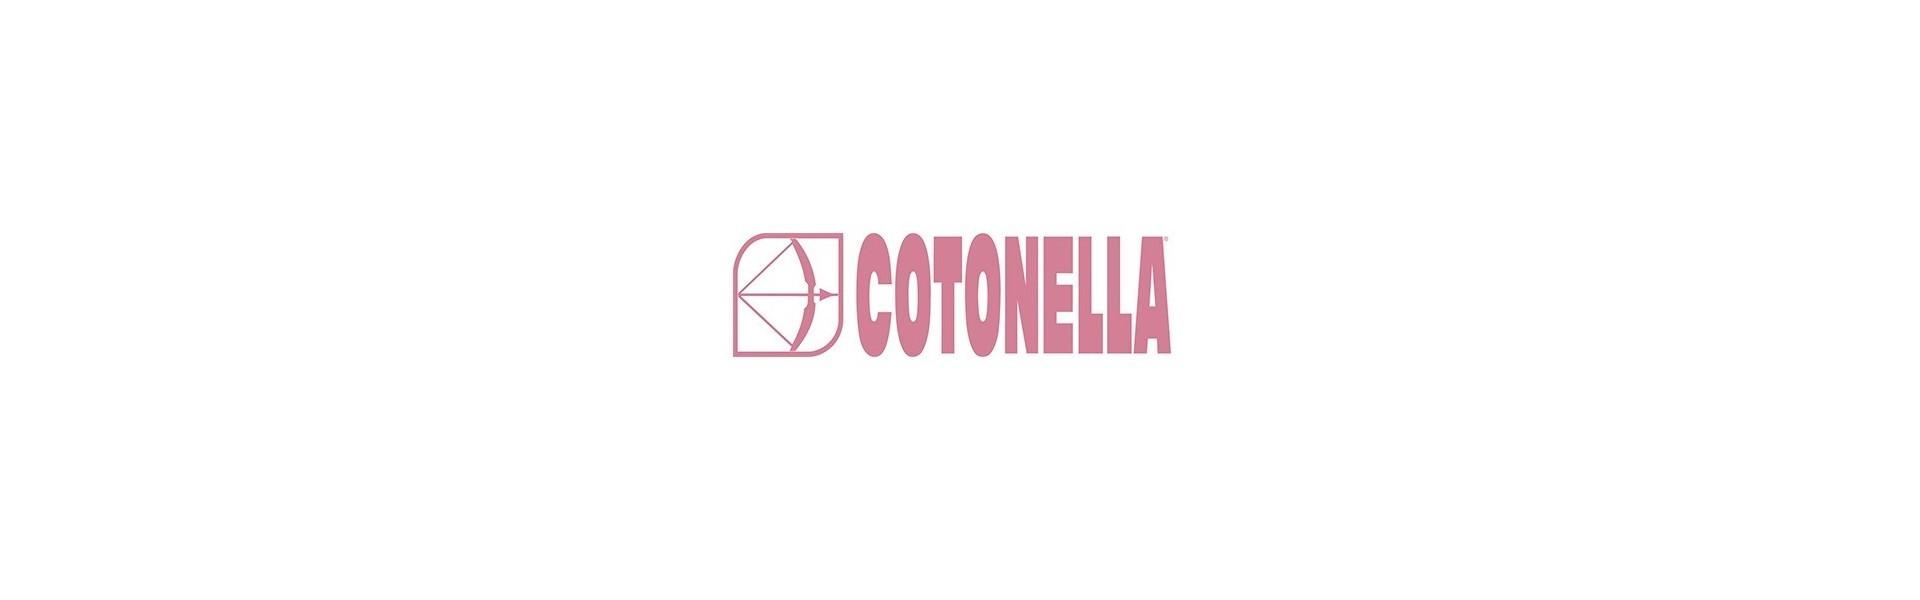 Slip uomo Cotonella